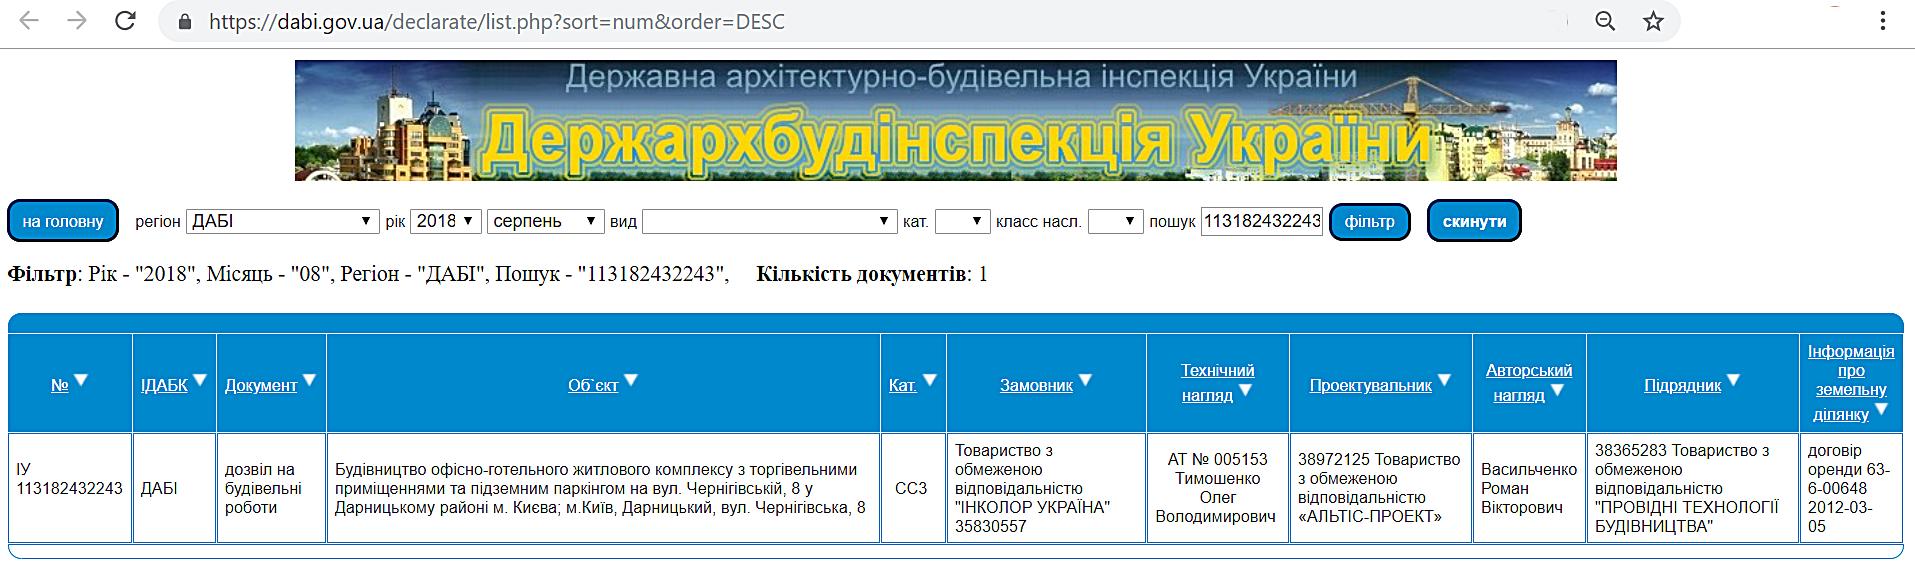 ЖК Терракот Разрешение на строительство в базе данных ДАБИ